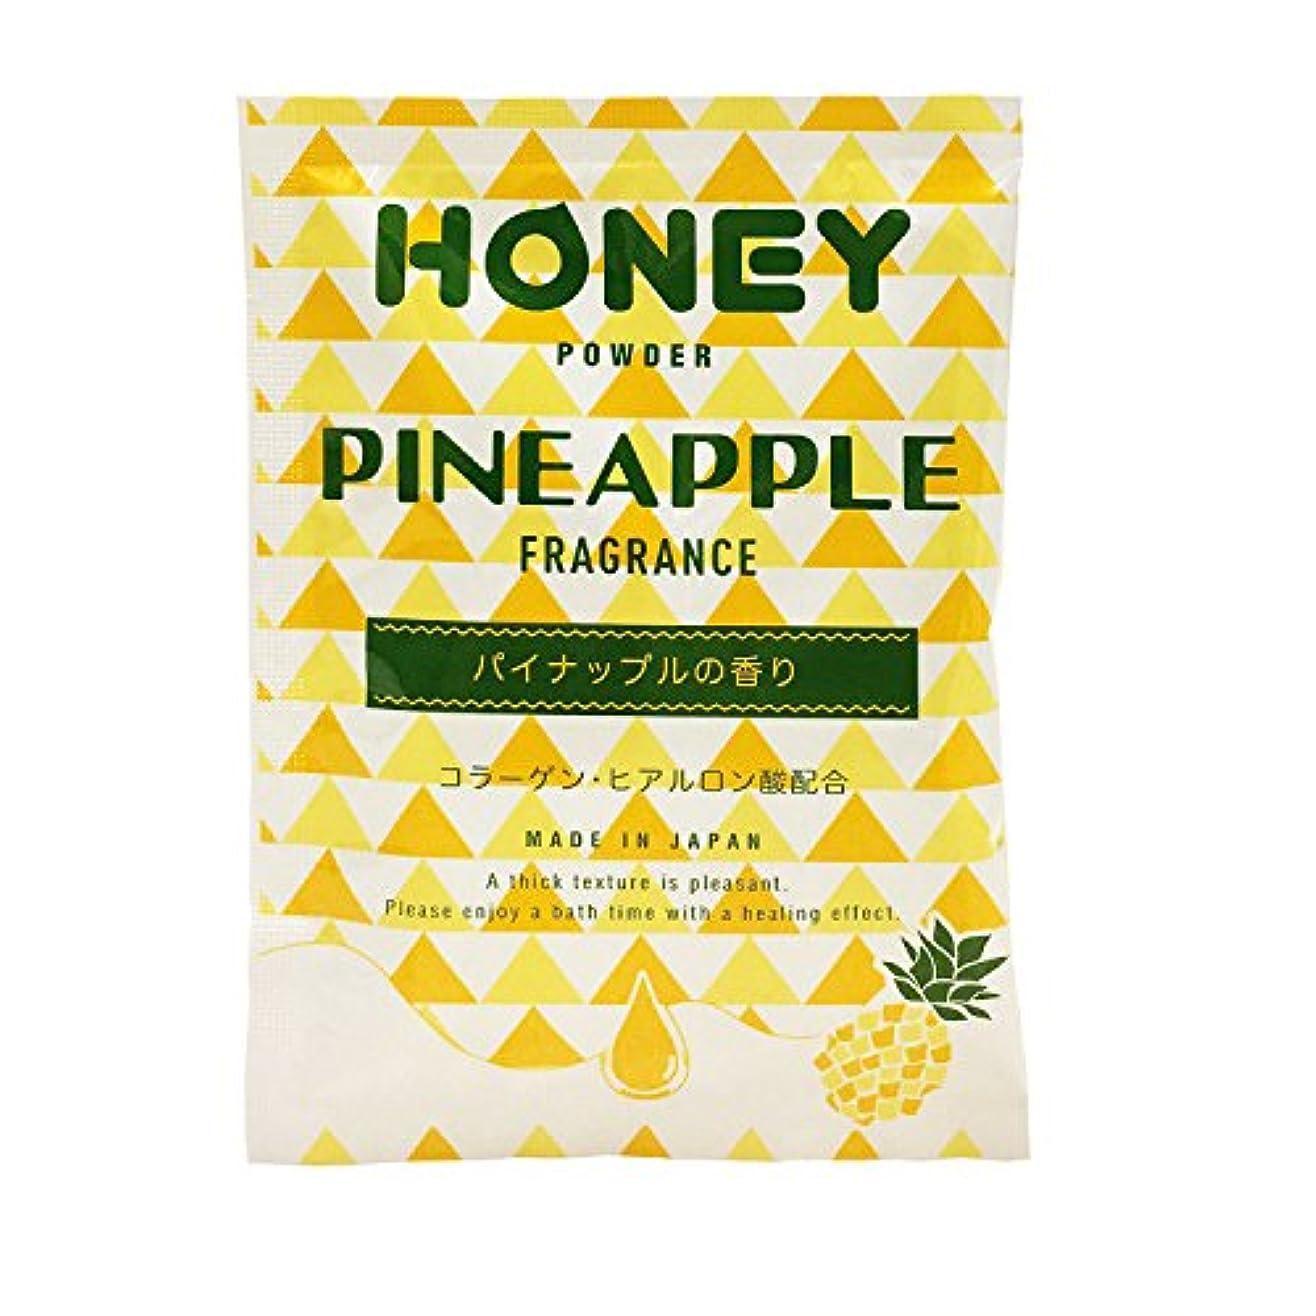 接続されたレコーダー区画とろとろ入浴剤【honey powder】(ハニーパウダー) パイナップルの香り 粉末タイプ ローション